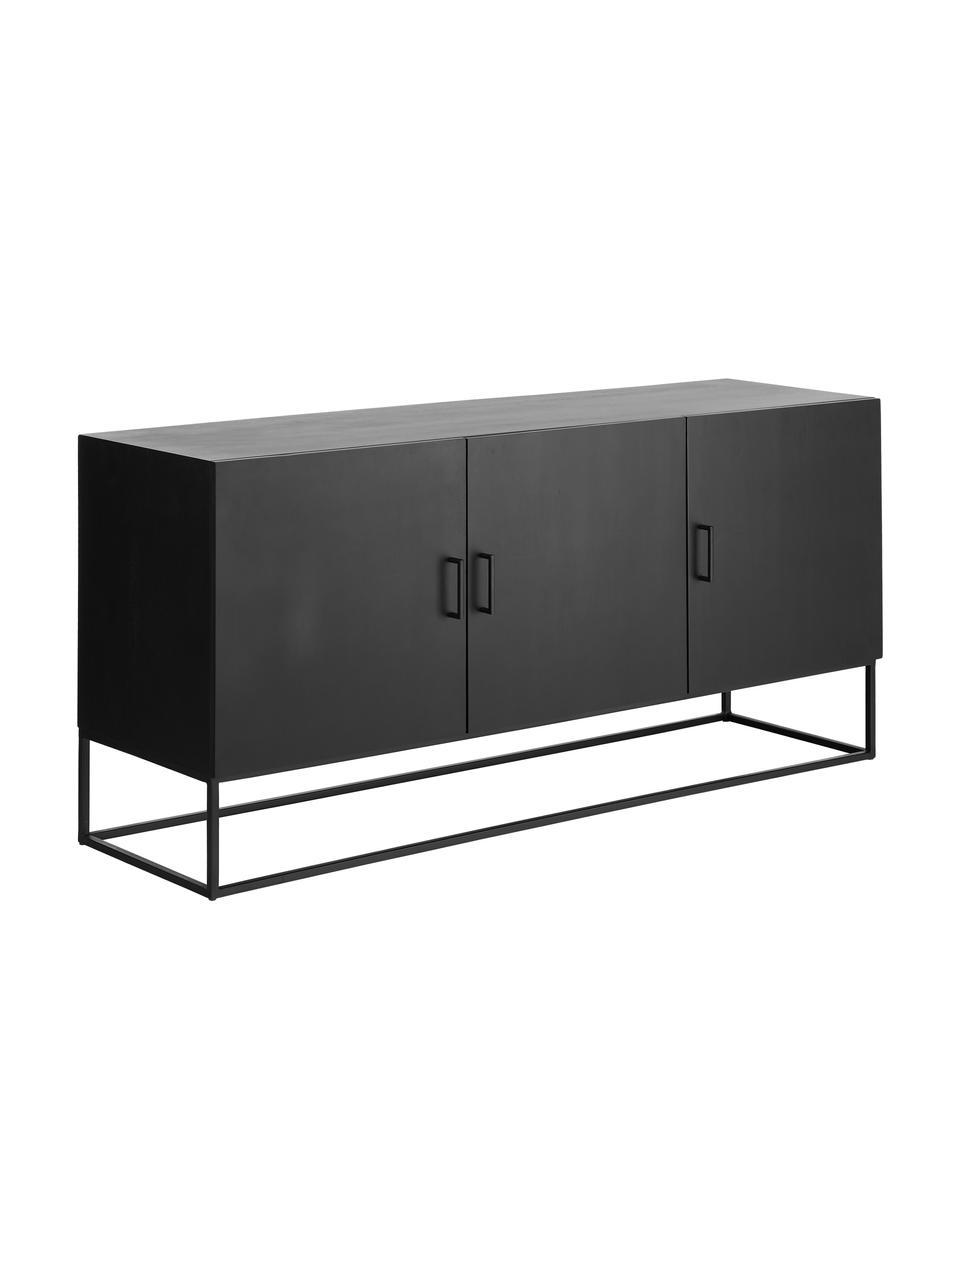 Schwarzes Sideboard Lyle mit Türen aus massivem Mangoholz, Korpus: Massives Mangoholz, lacki, Mangoholz, schwarz lackiert, 150 x 72 cm